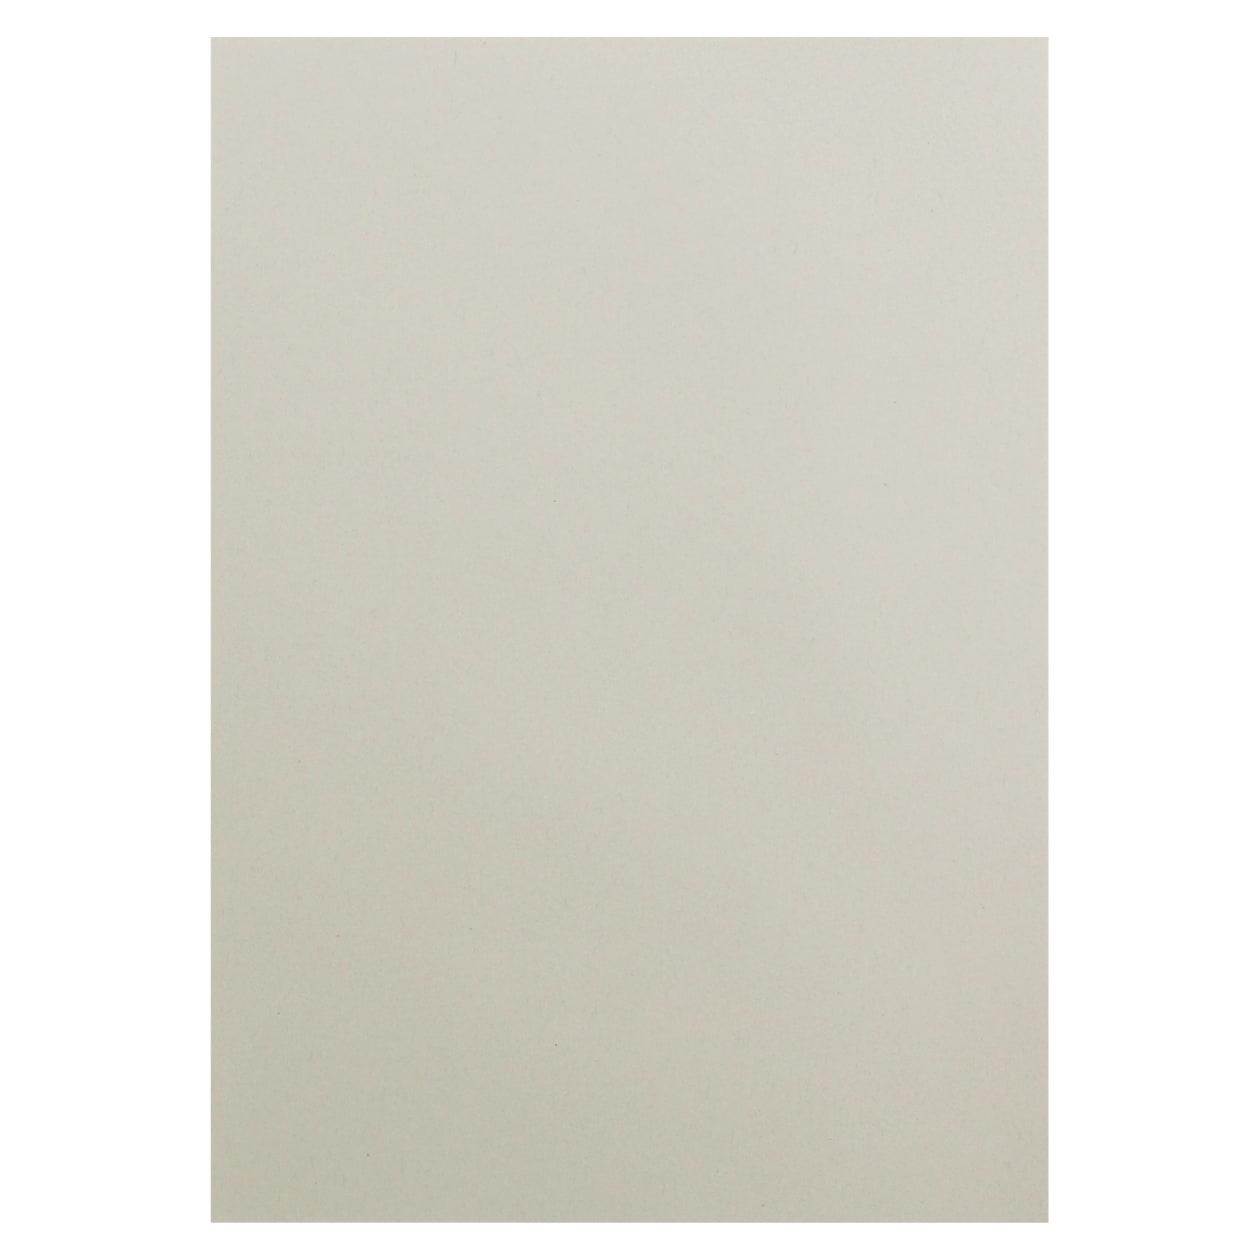 サンプル カード・シート 00172